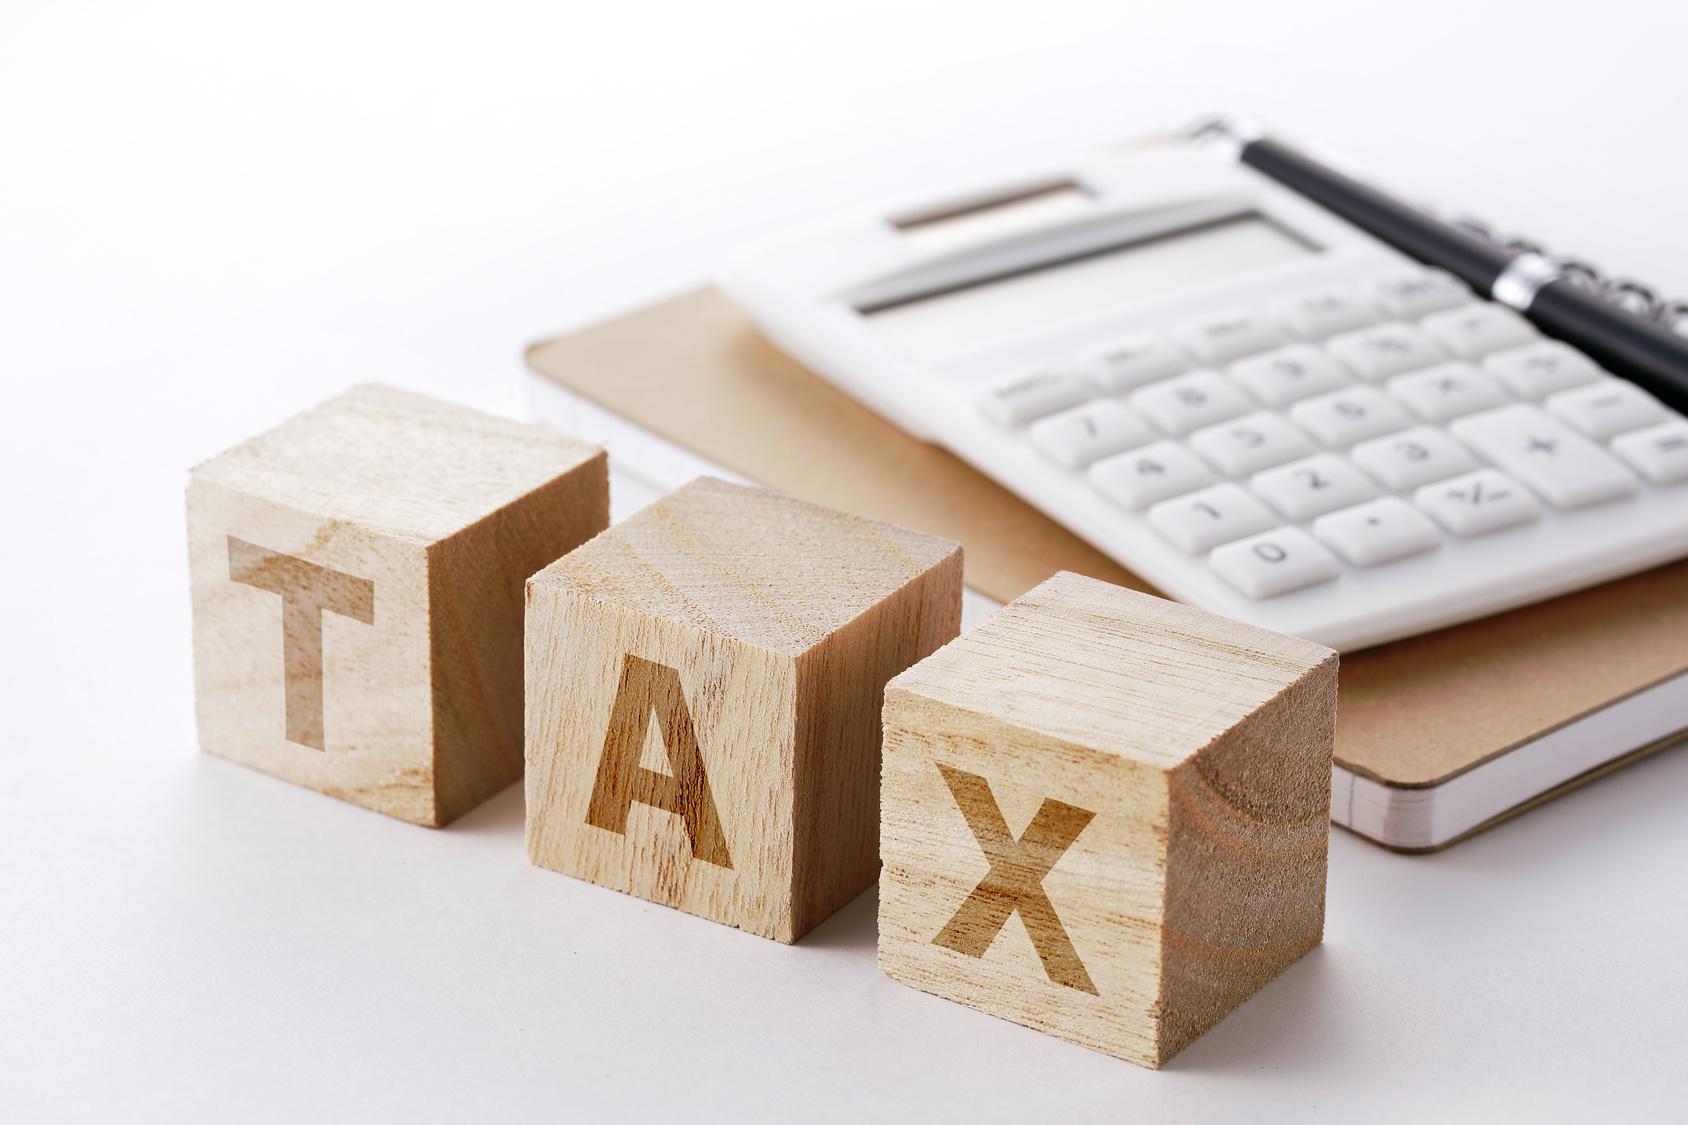 所得税とは一体いくらからかかるのか?会社員の税金の計算方法をわかりやすく、簡単に解説します